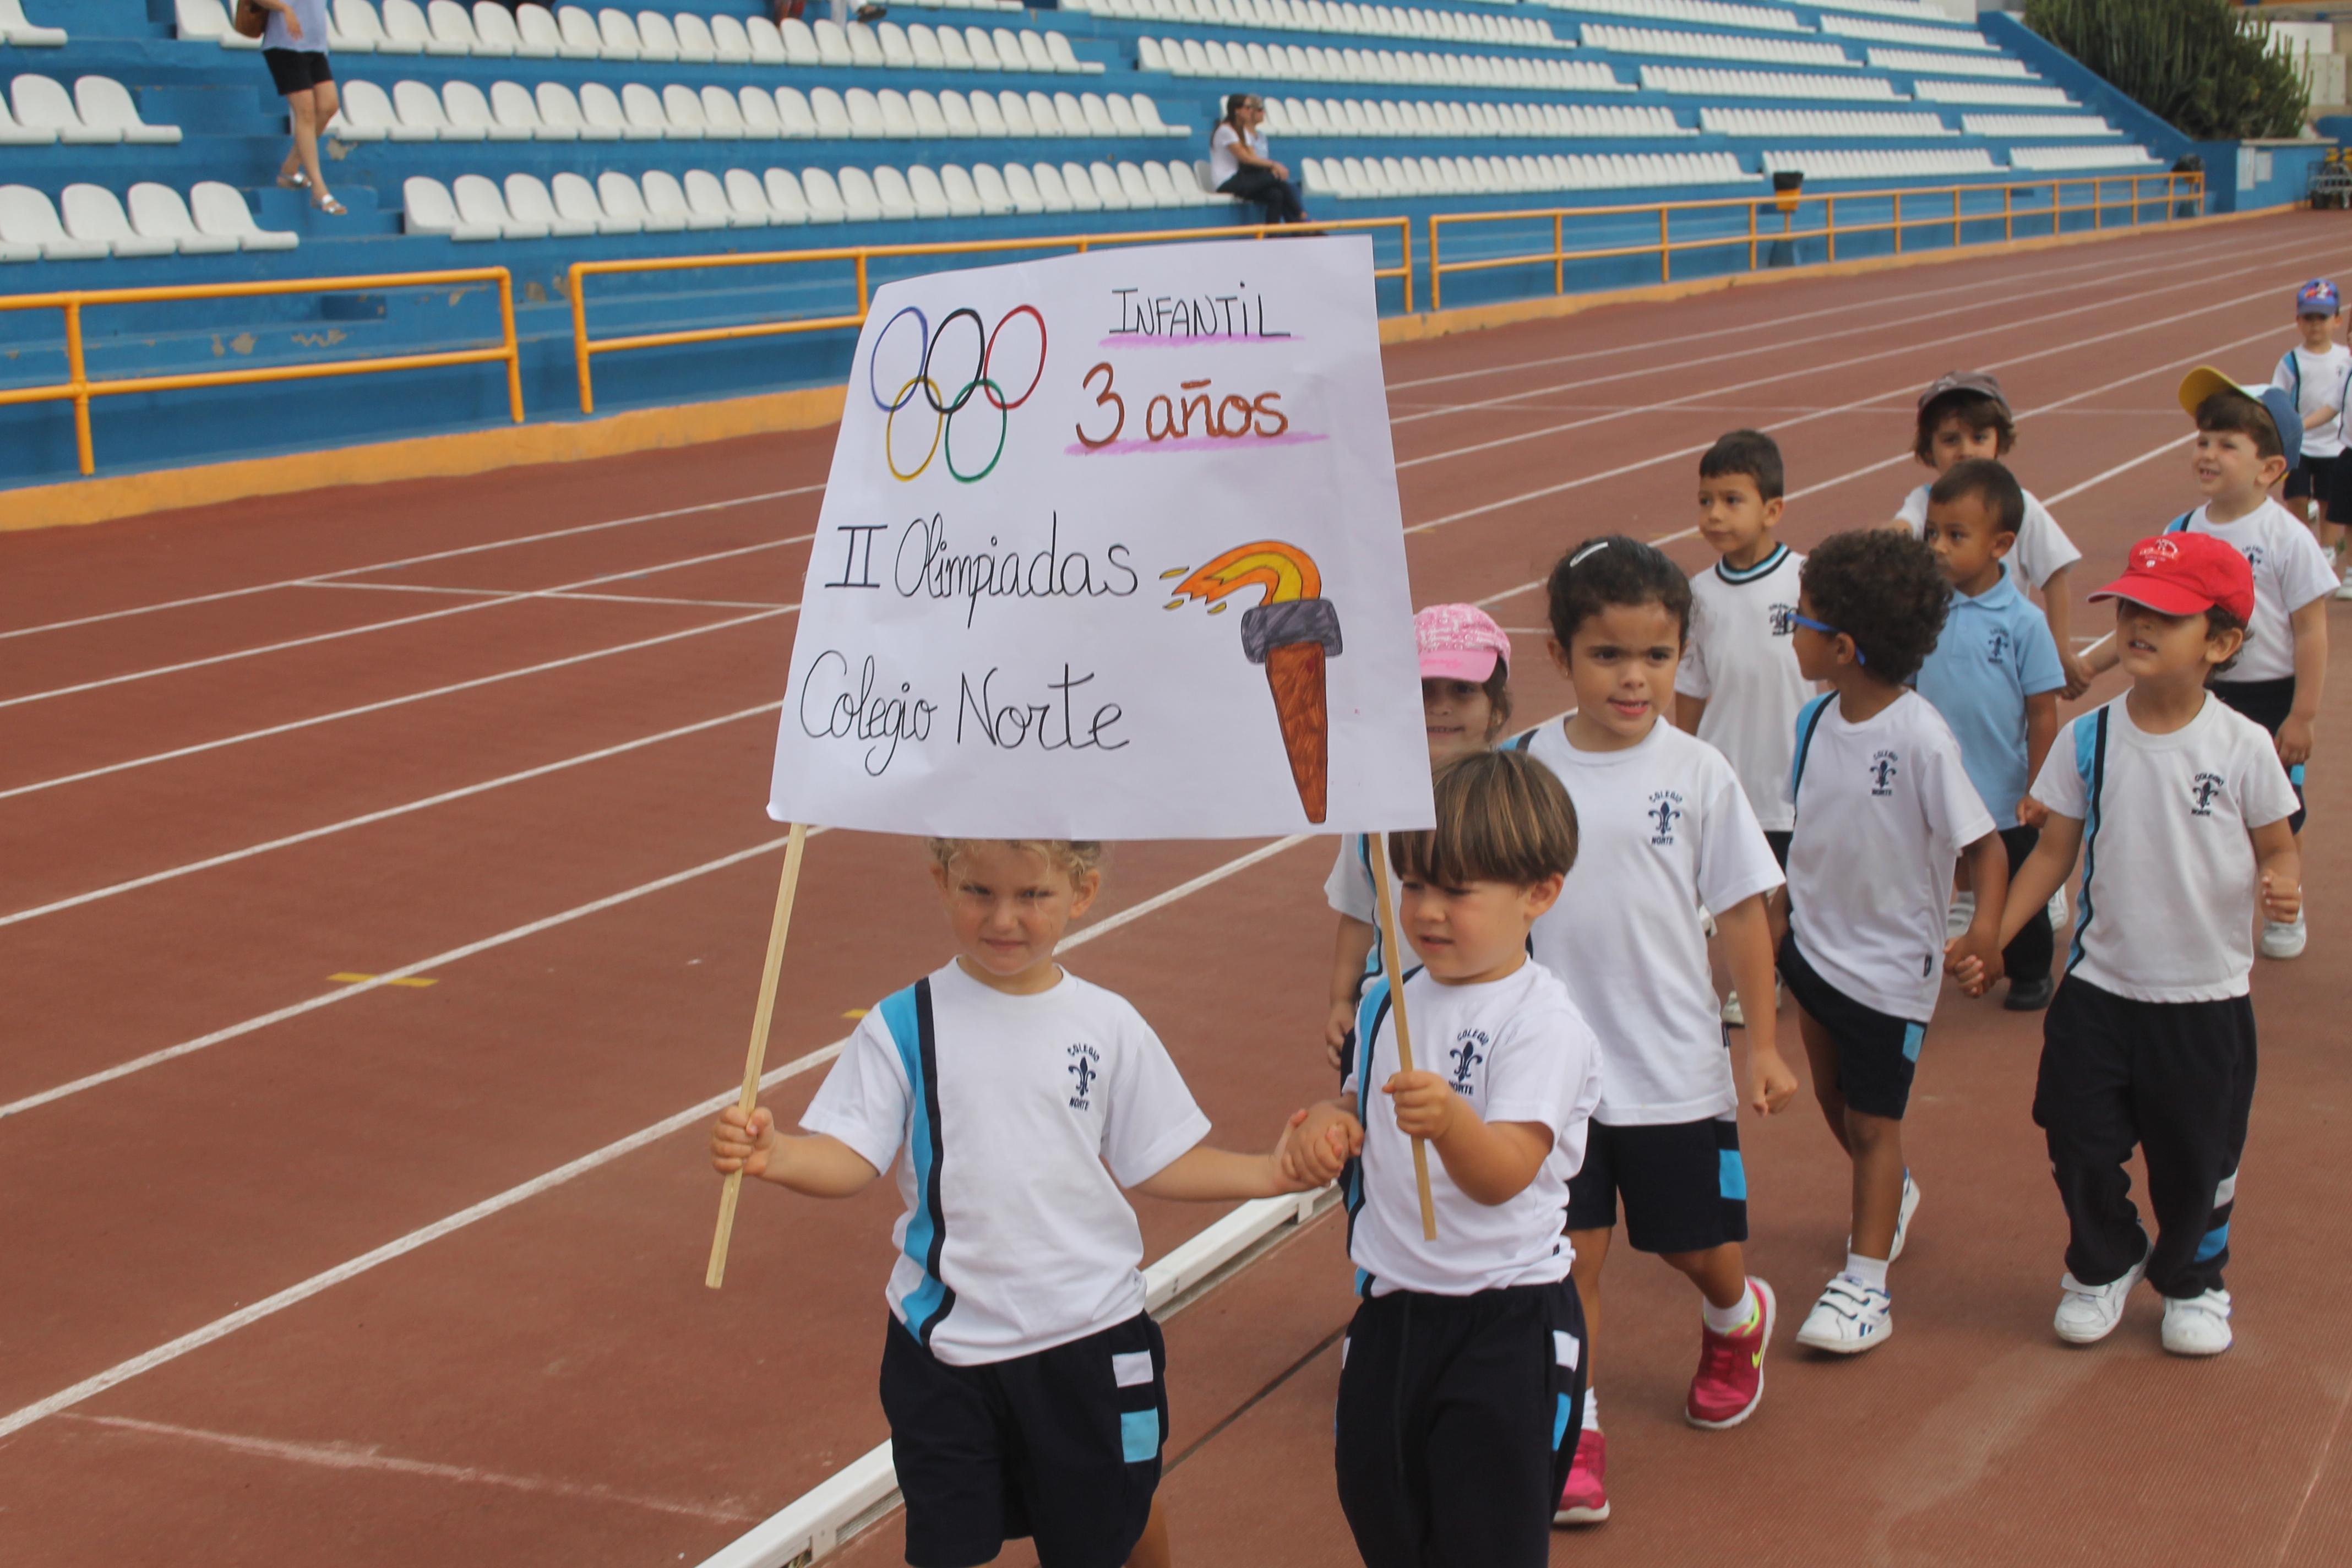 Ii olimpiadas colegio norte colegio norte - Trabaja con nosotros gran canaria ...